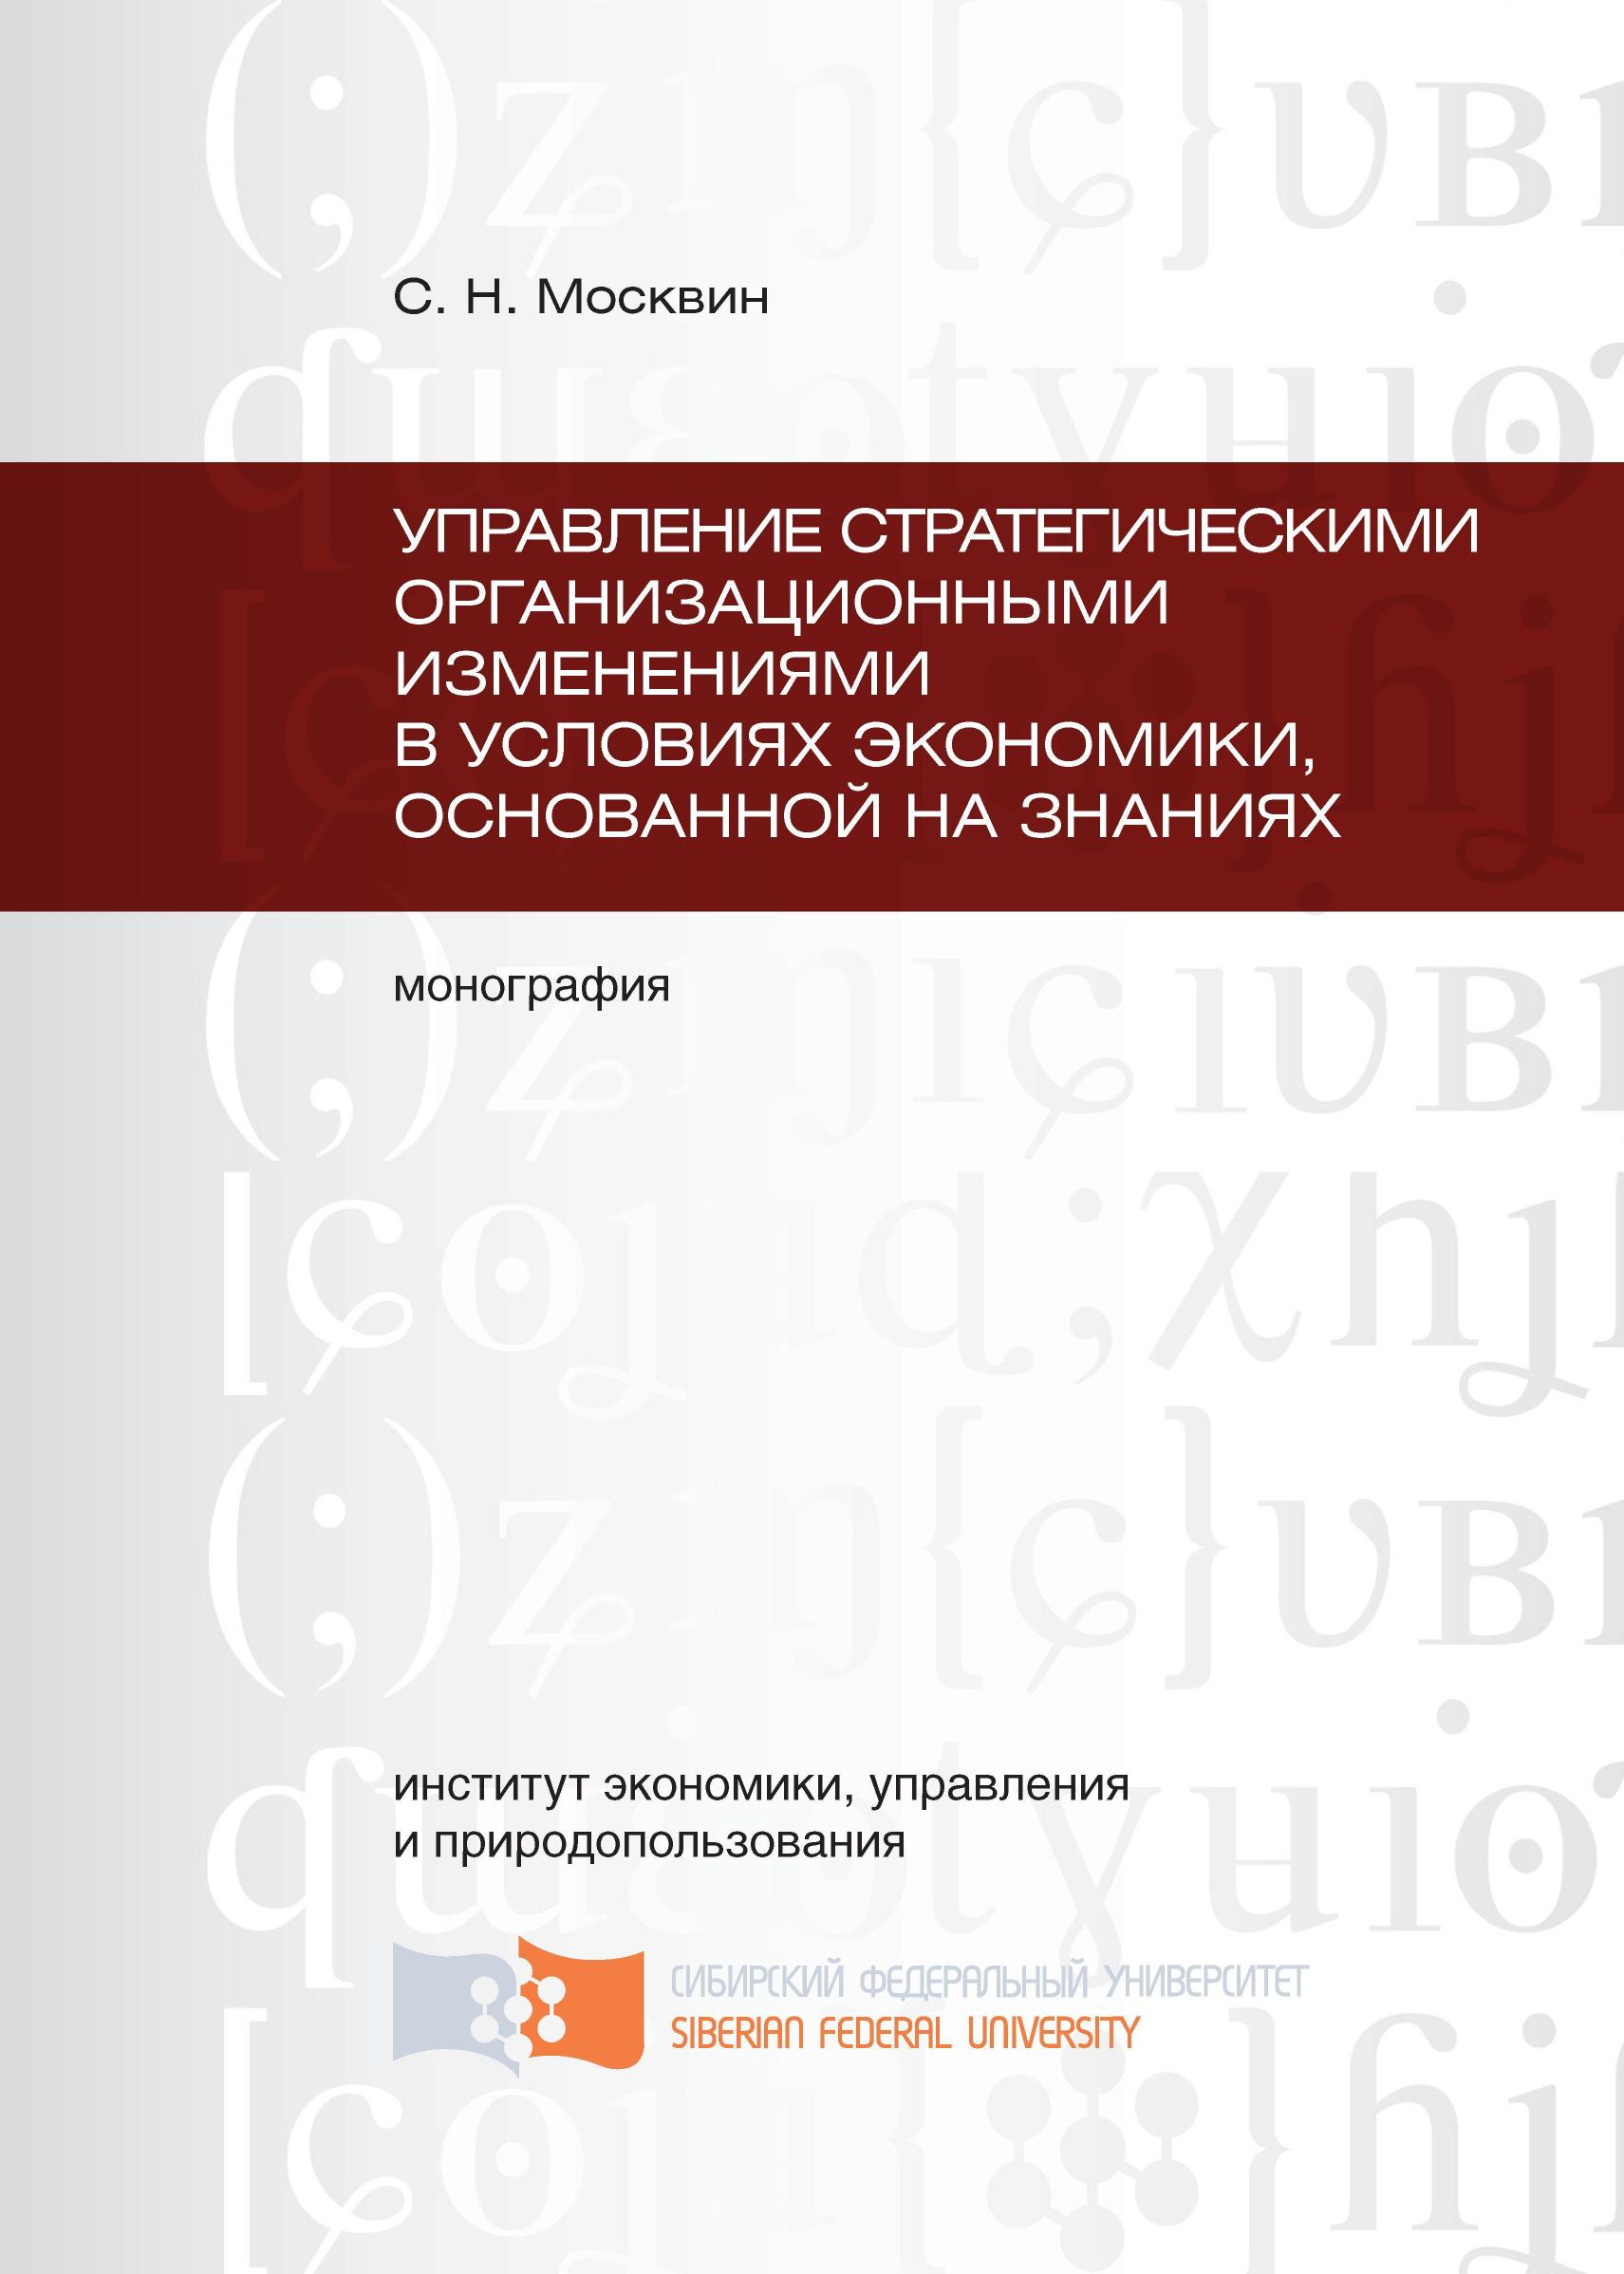 upravlenie strategicheskimi organizatsionnymi izmeneniyami v usloviyakh ekonomiki osnovannoy na znaniyakh